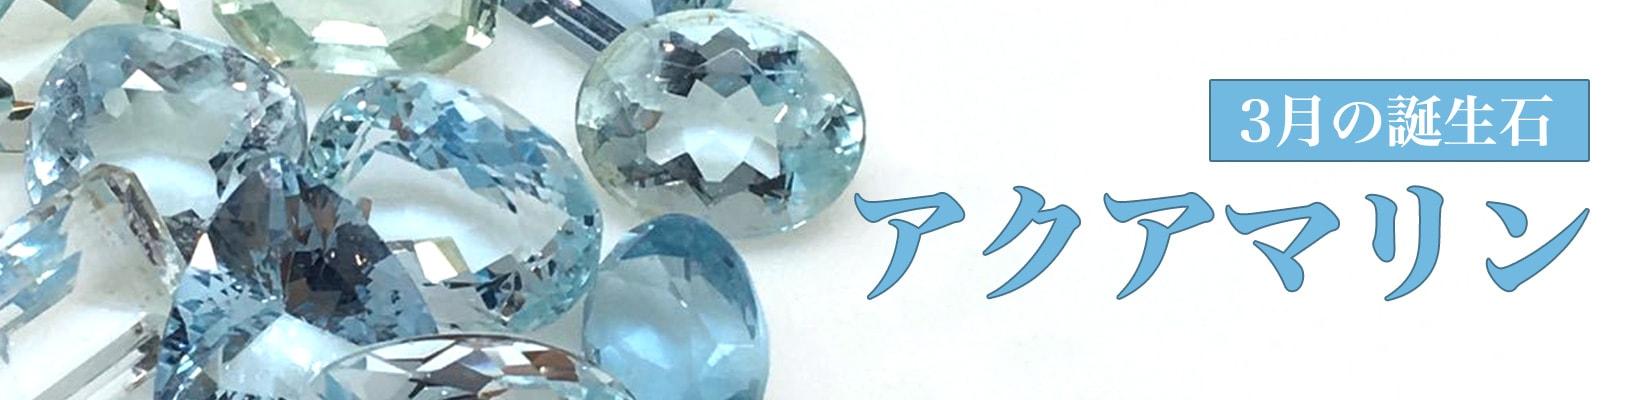 3月の誕生石:アクアマリン(藍玉)